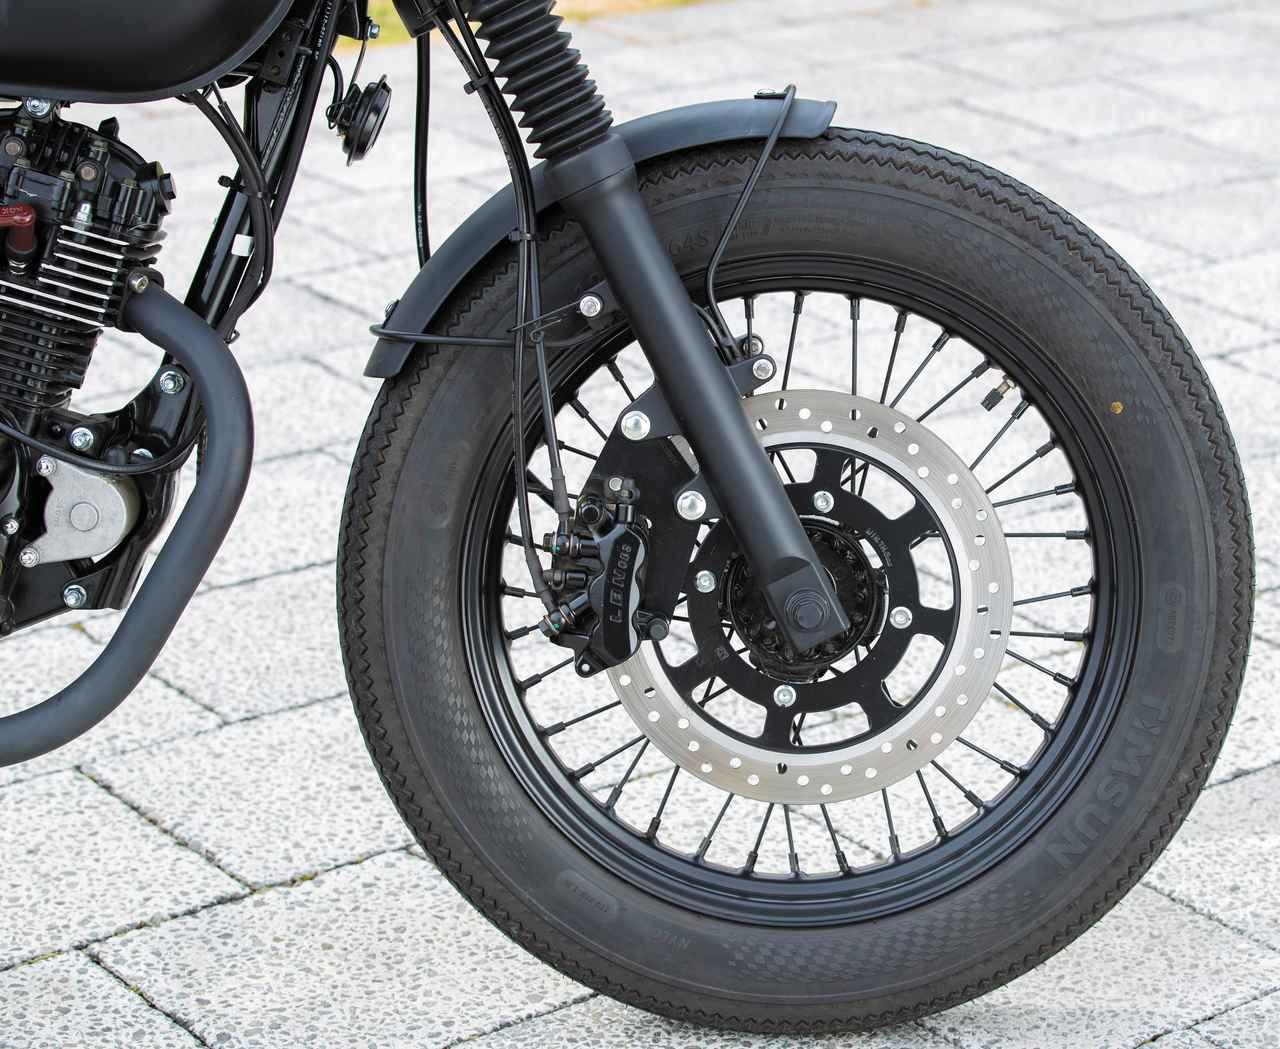 画像: タイヤサイズは4.00-18で共通だが、モングレルはオンロードタイプ、RS13はブロックタイヤを履く。ブレーキは前後連動。